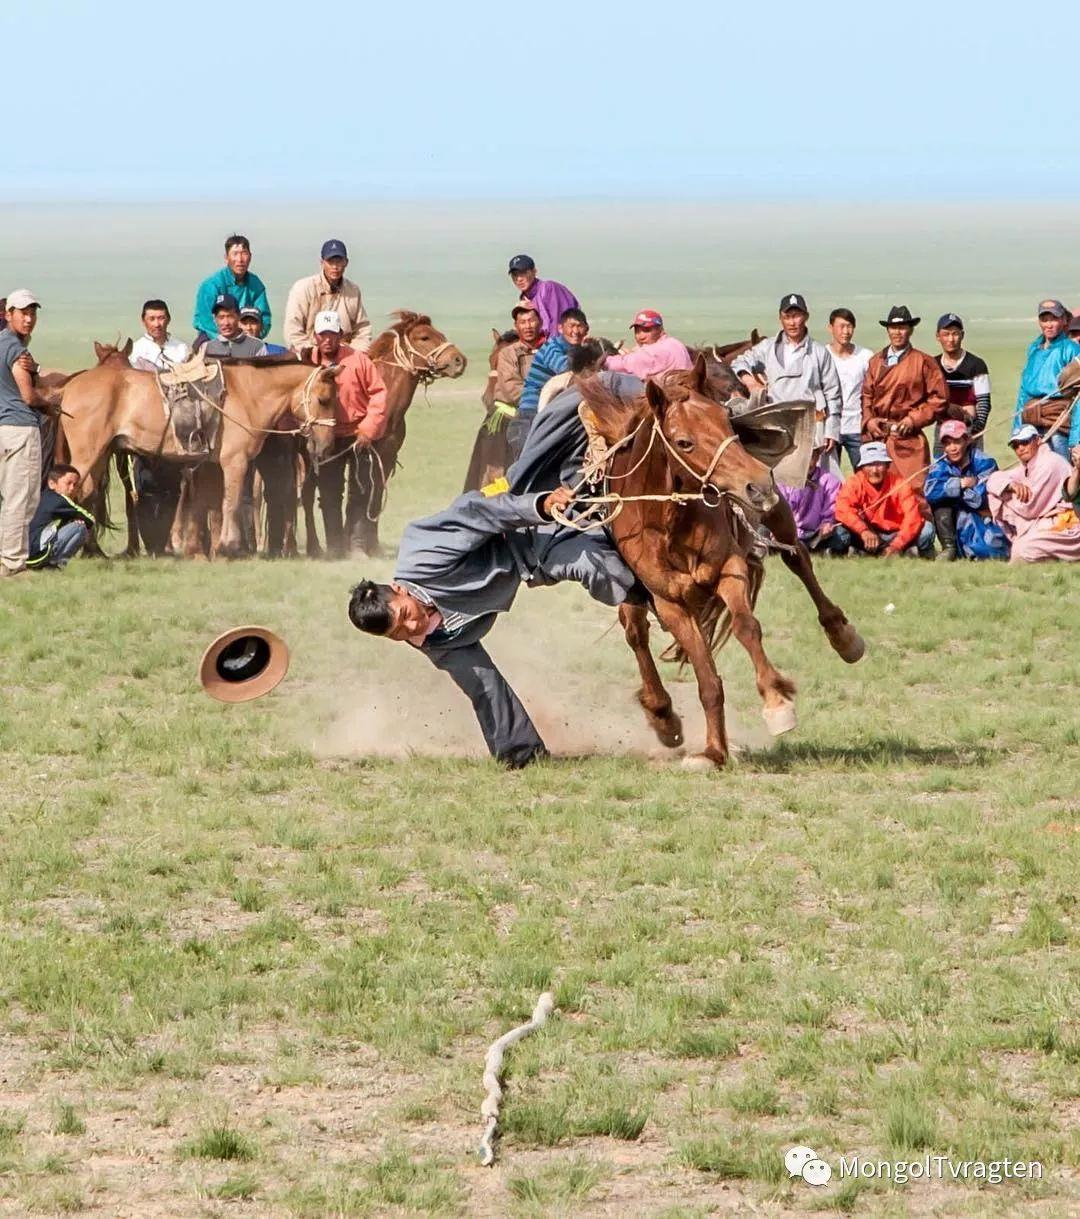 蒙古影像-Robert Michael Poole 第6张